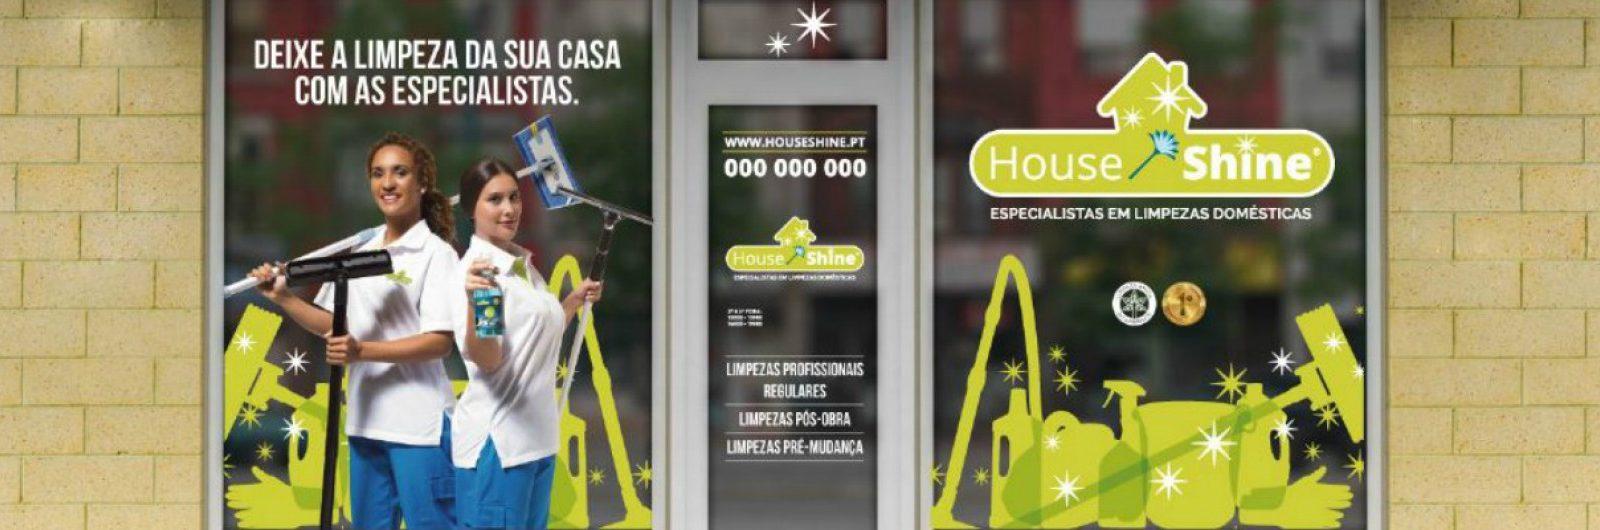 NBrand entra no Brasil com a House Shine e lança Ideal Reparos em Portugal